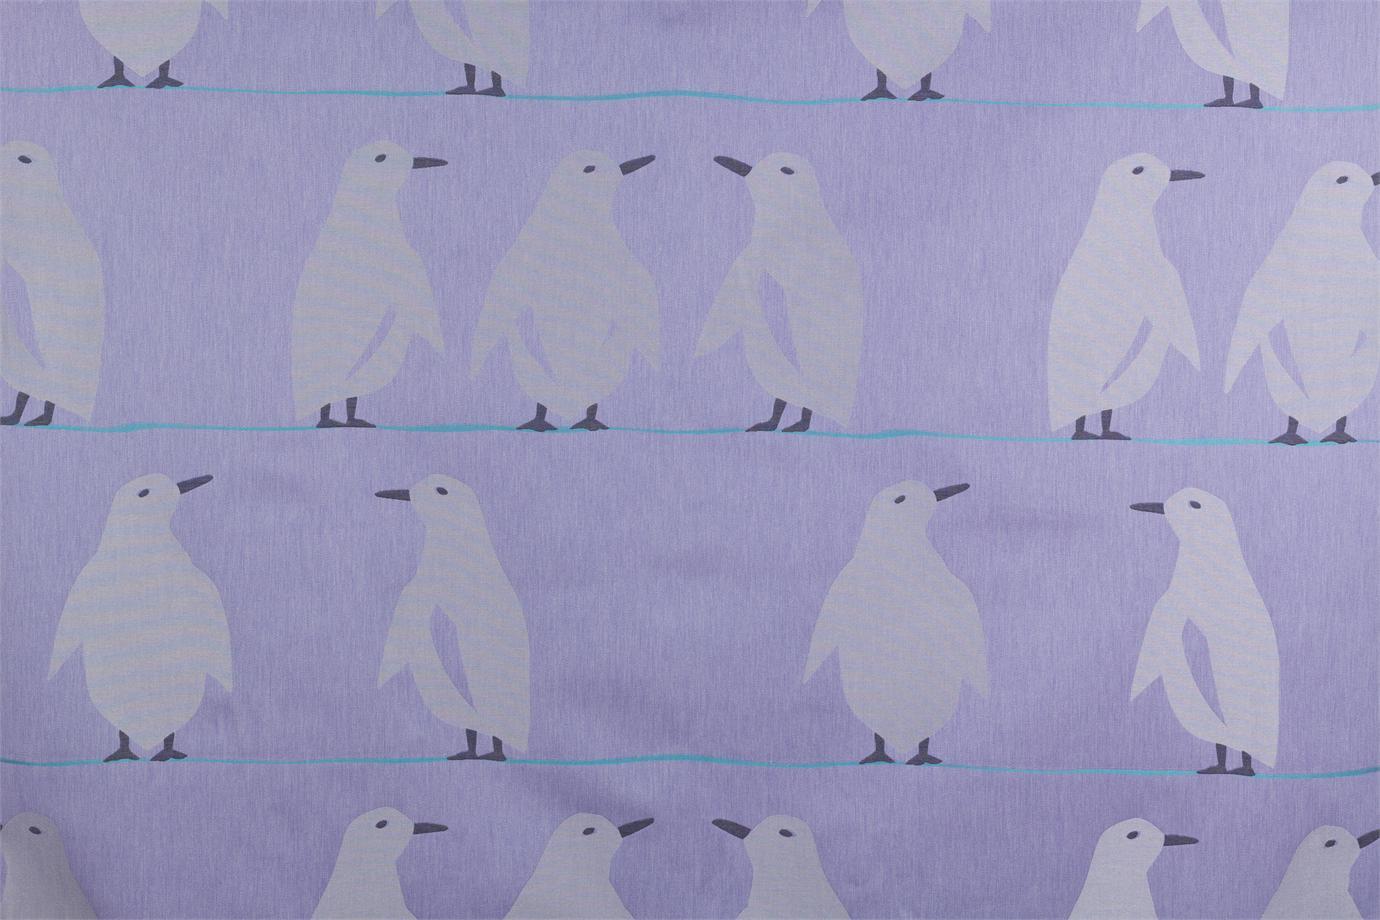 J2503 pinguino 003 glicine brochier for Tende lilla glicine